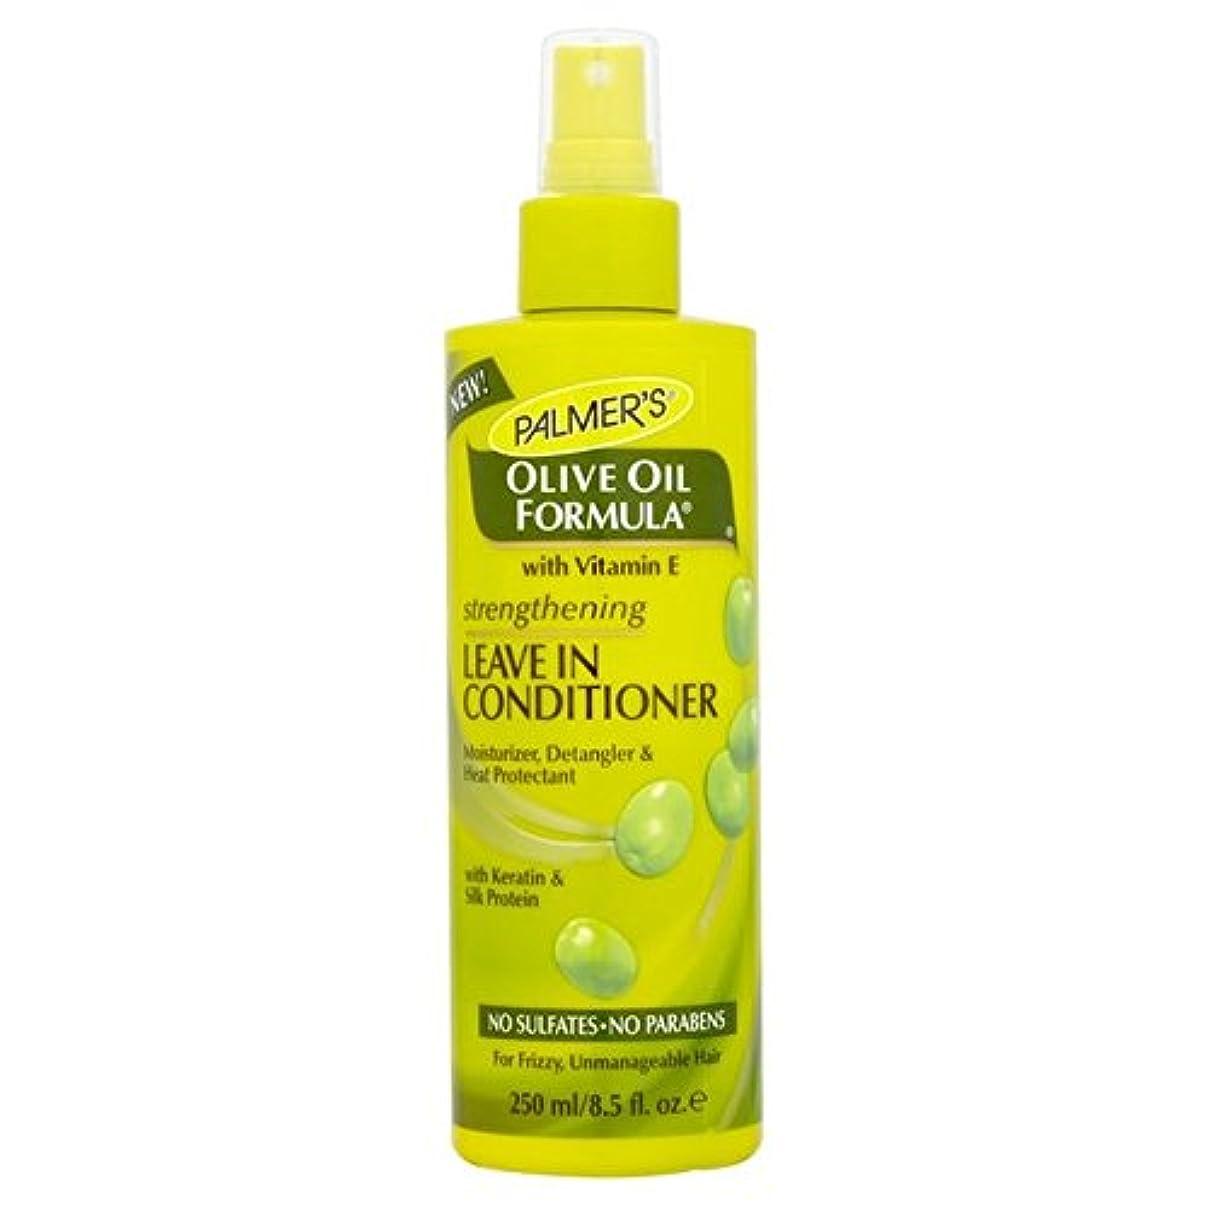 と視聴者罰Palmer's Olive Oil Formula Strengthening Leave-in Conditioner 250ml - リーブインコンディショナー250を強化パーマーのオリーブオイル式 [並行輸入品]